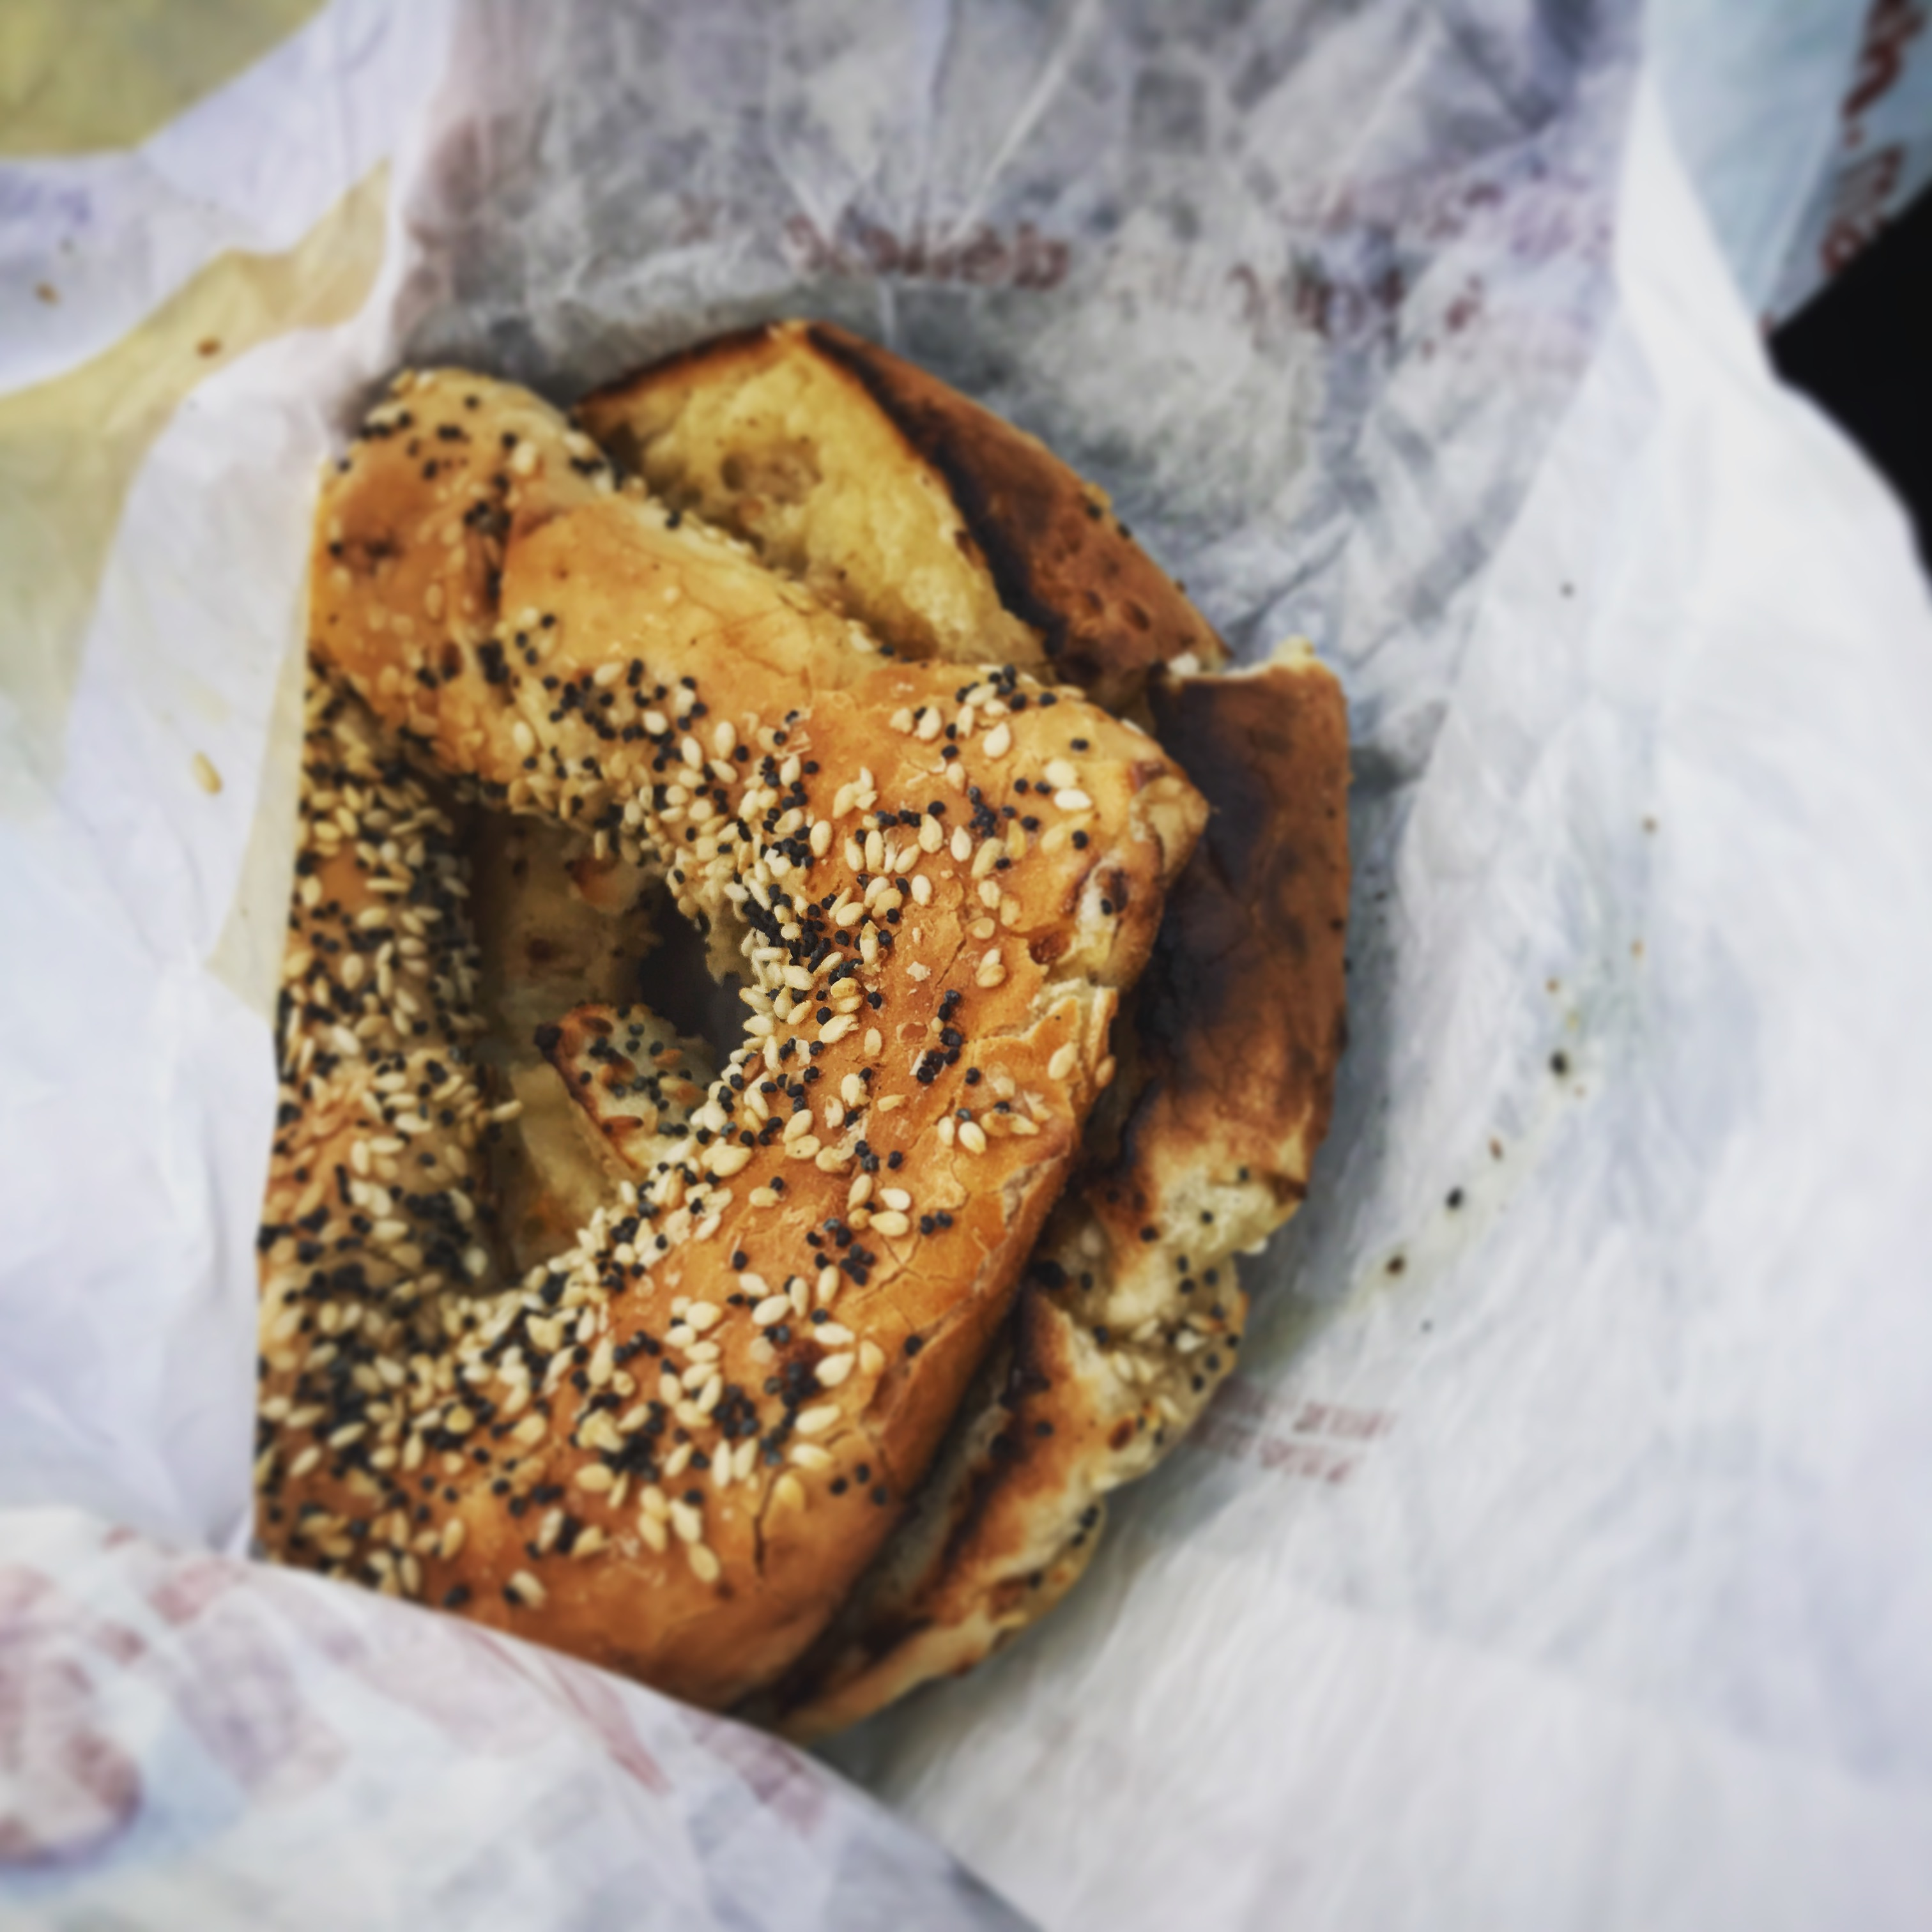 I miss bagels